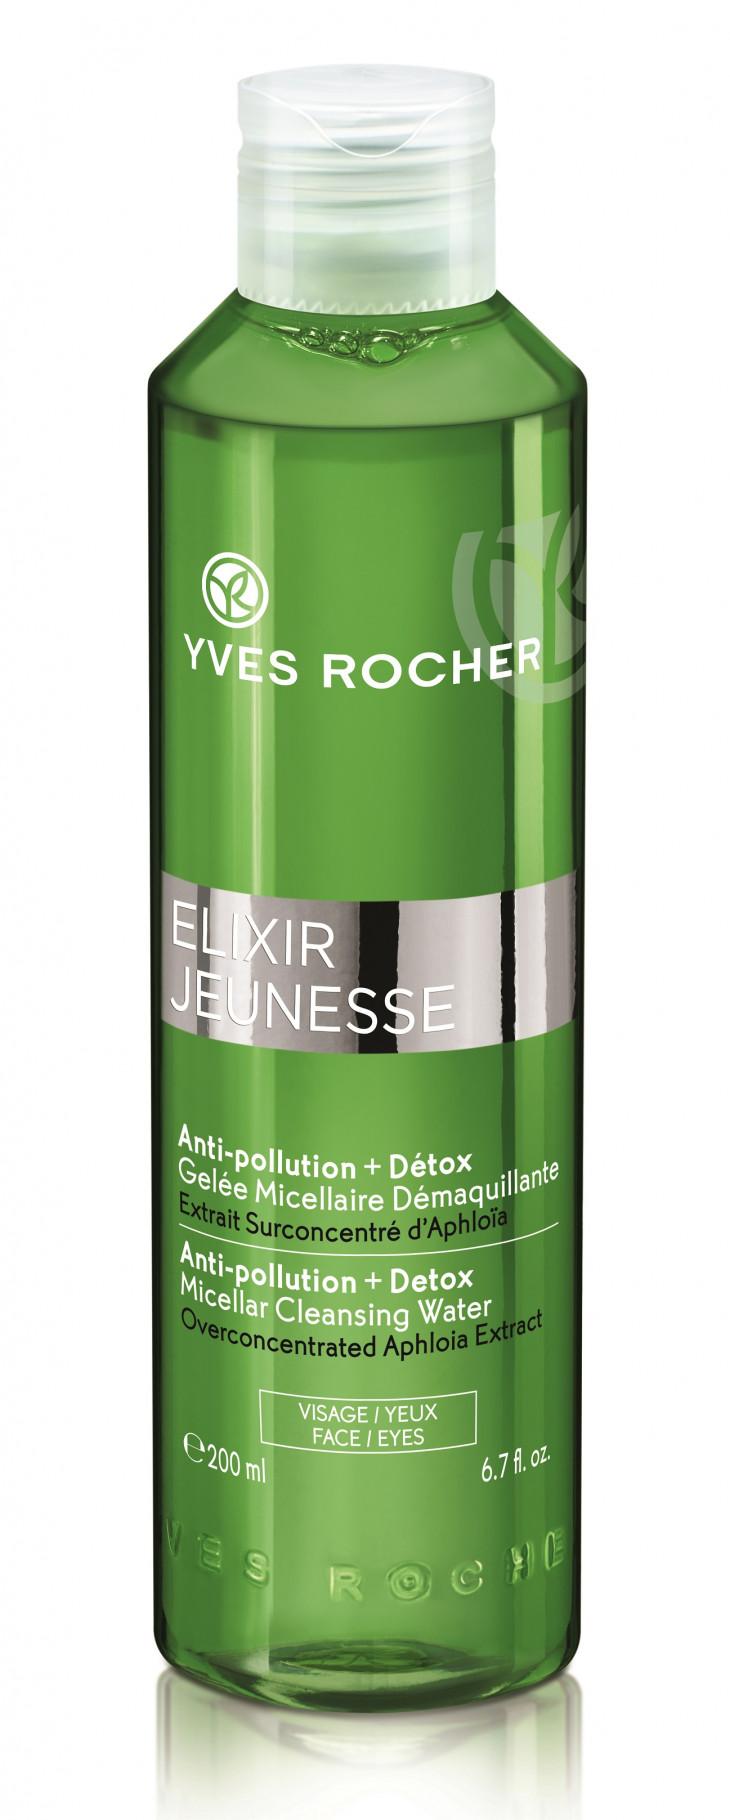 мицеллярная Вода-Гель «Детокс и Восстановление» от Yves Rocher